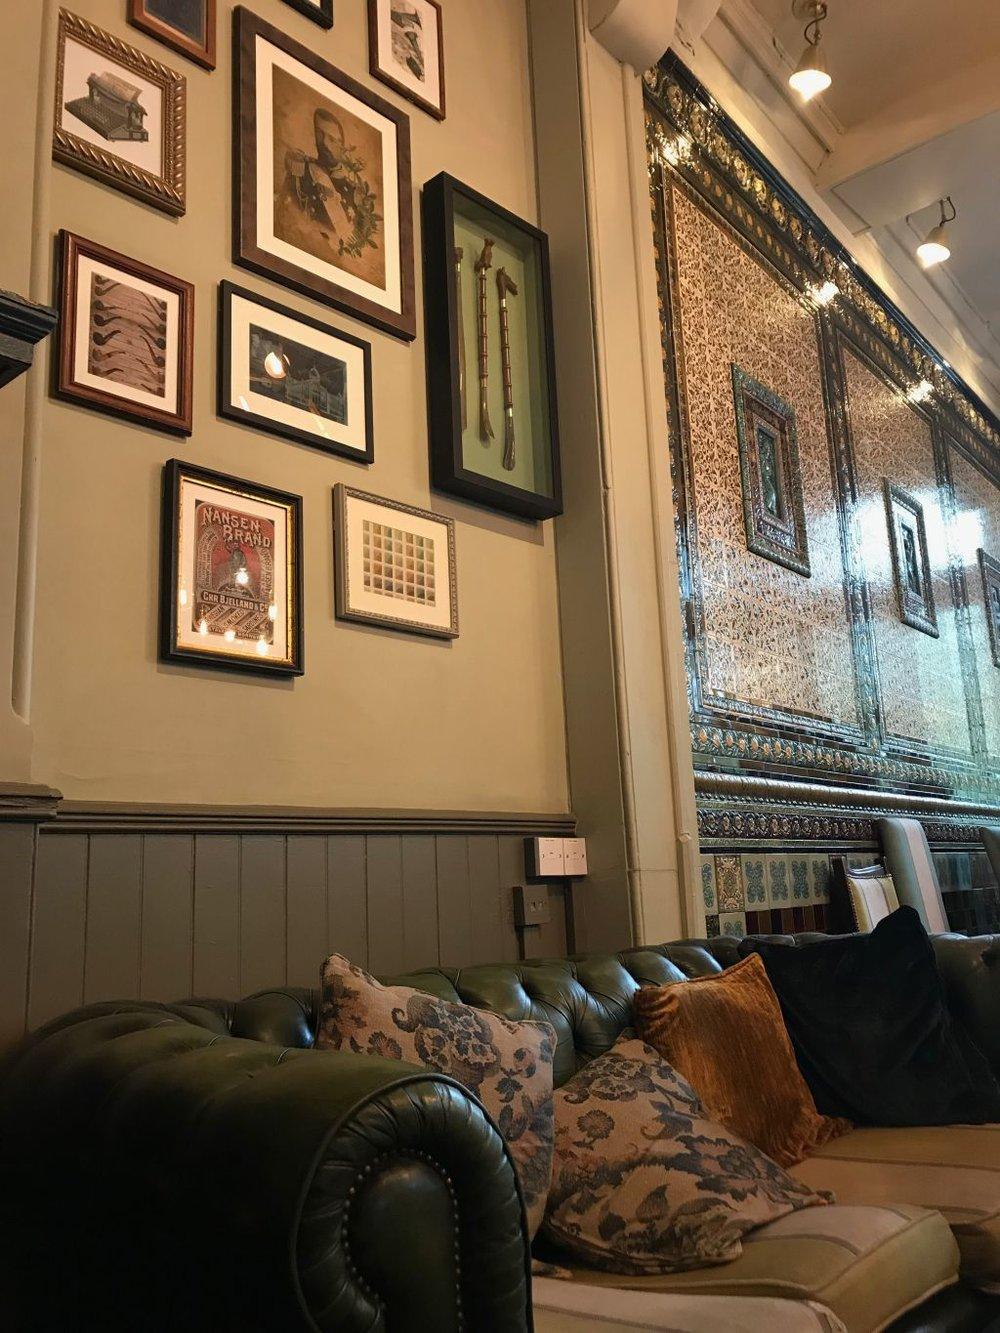 Parson's Green Pub.jpg